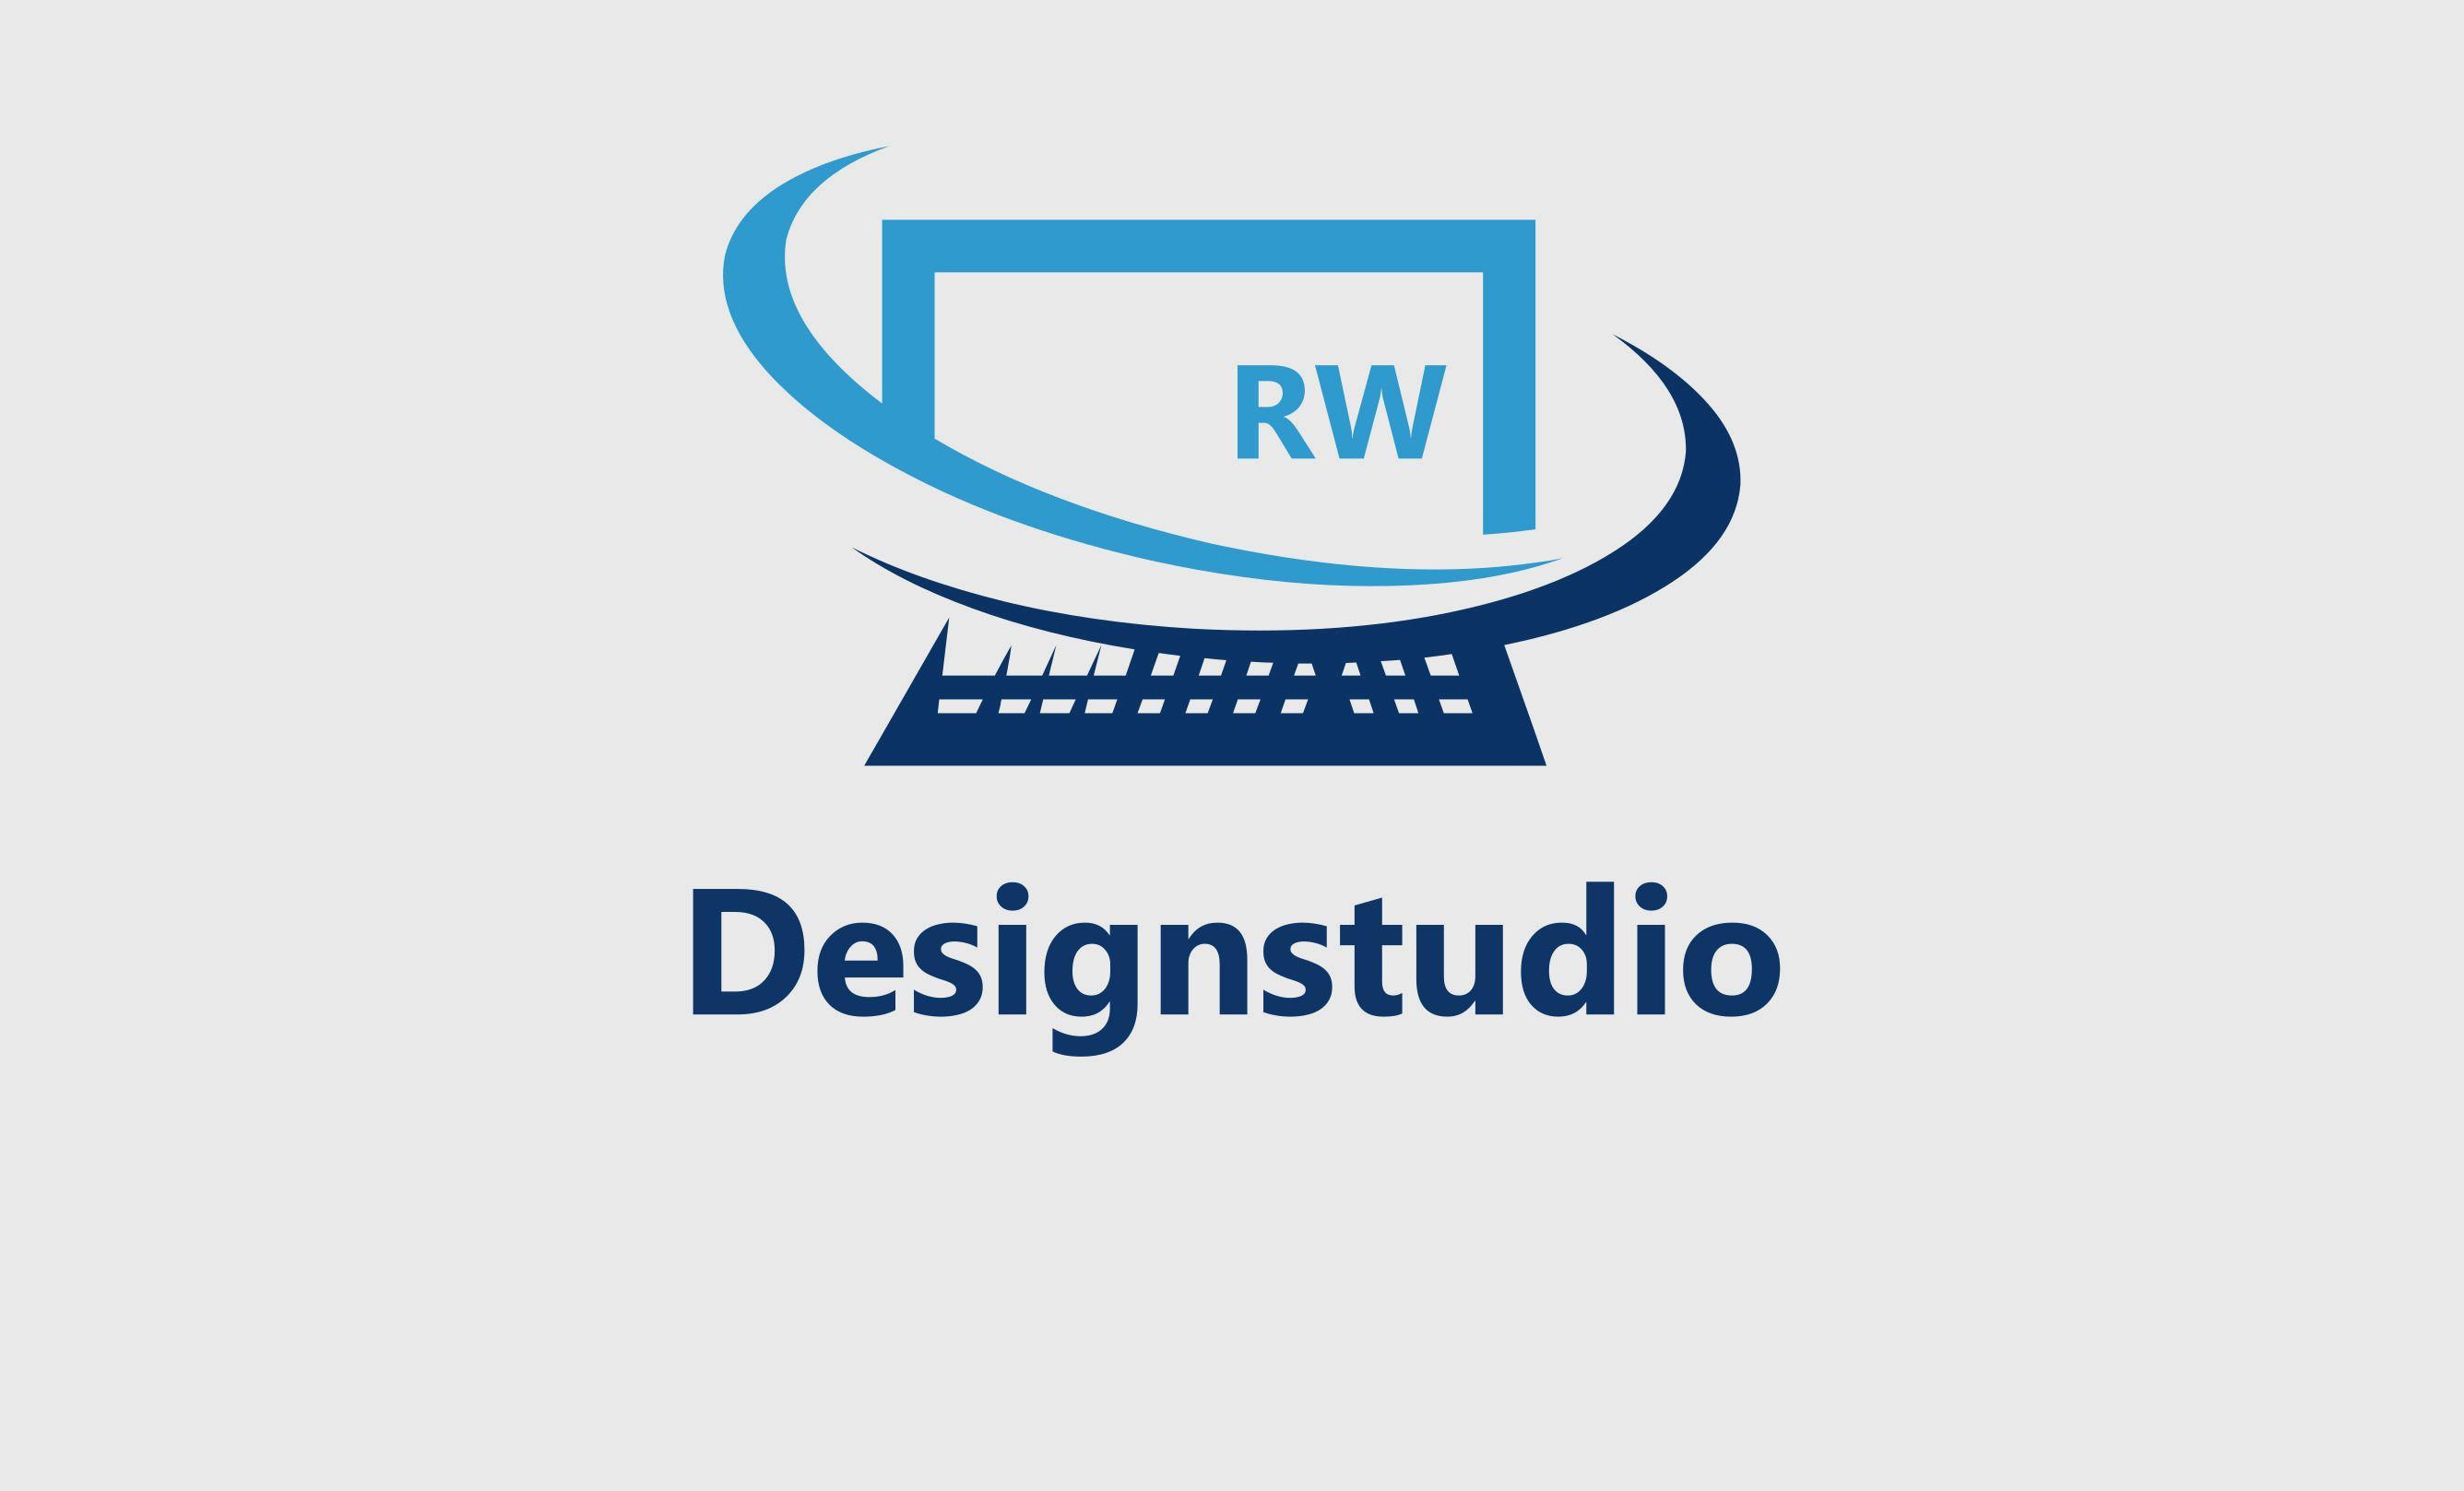 RW Designstudio